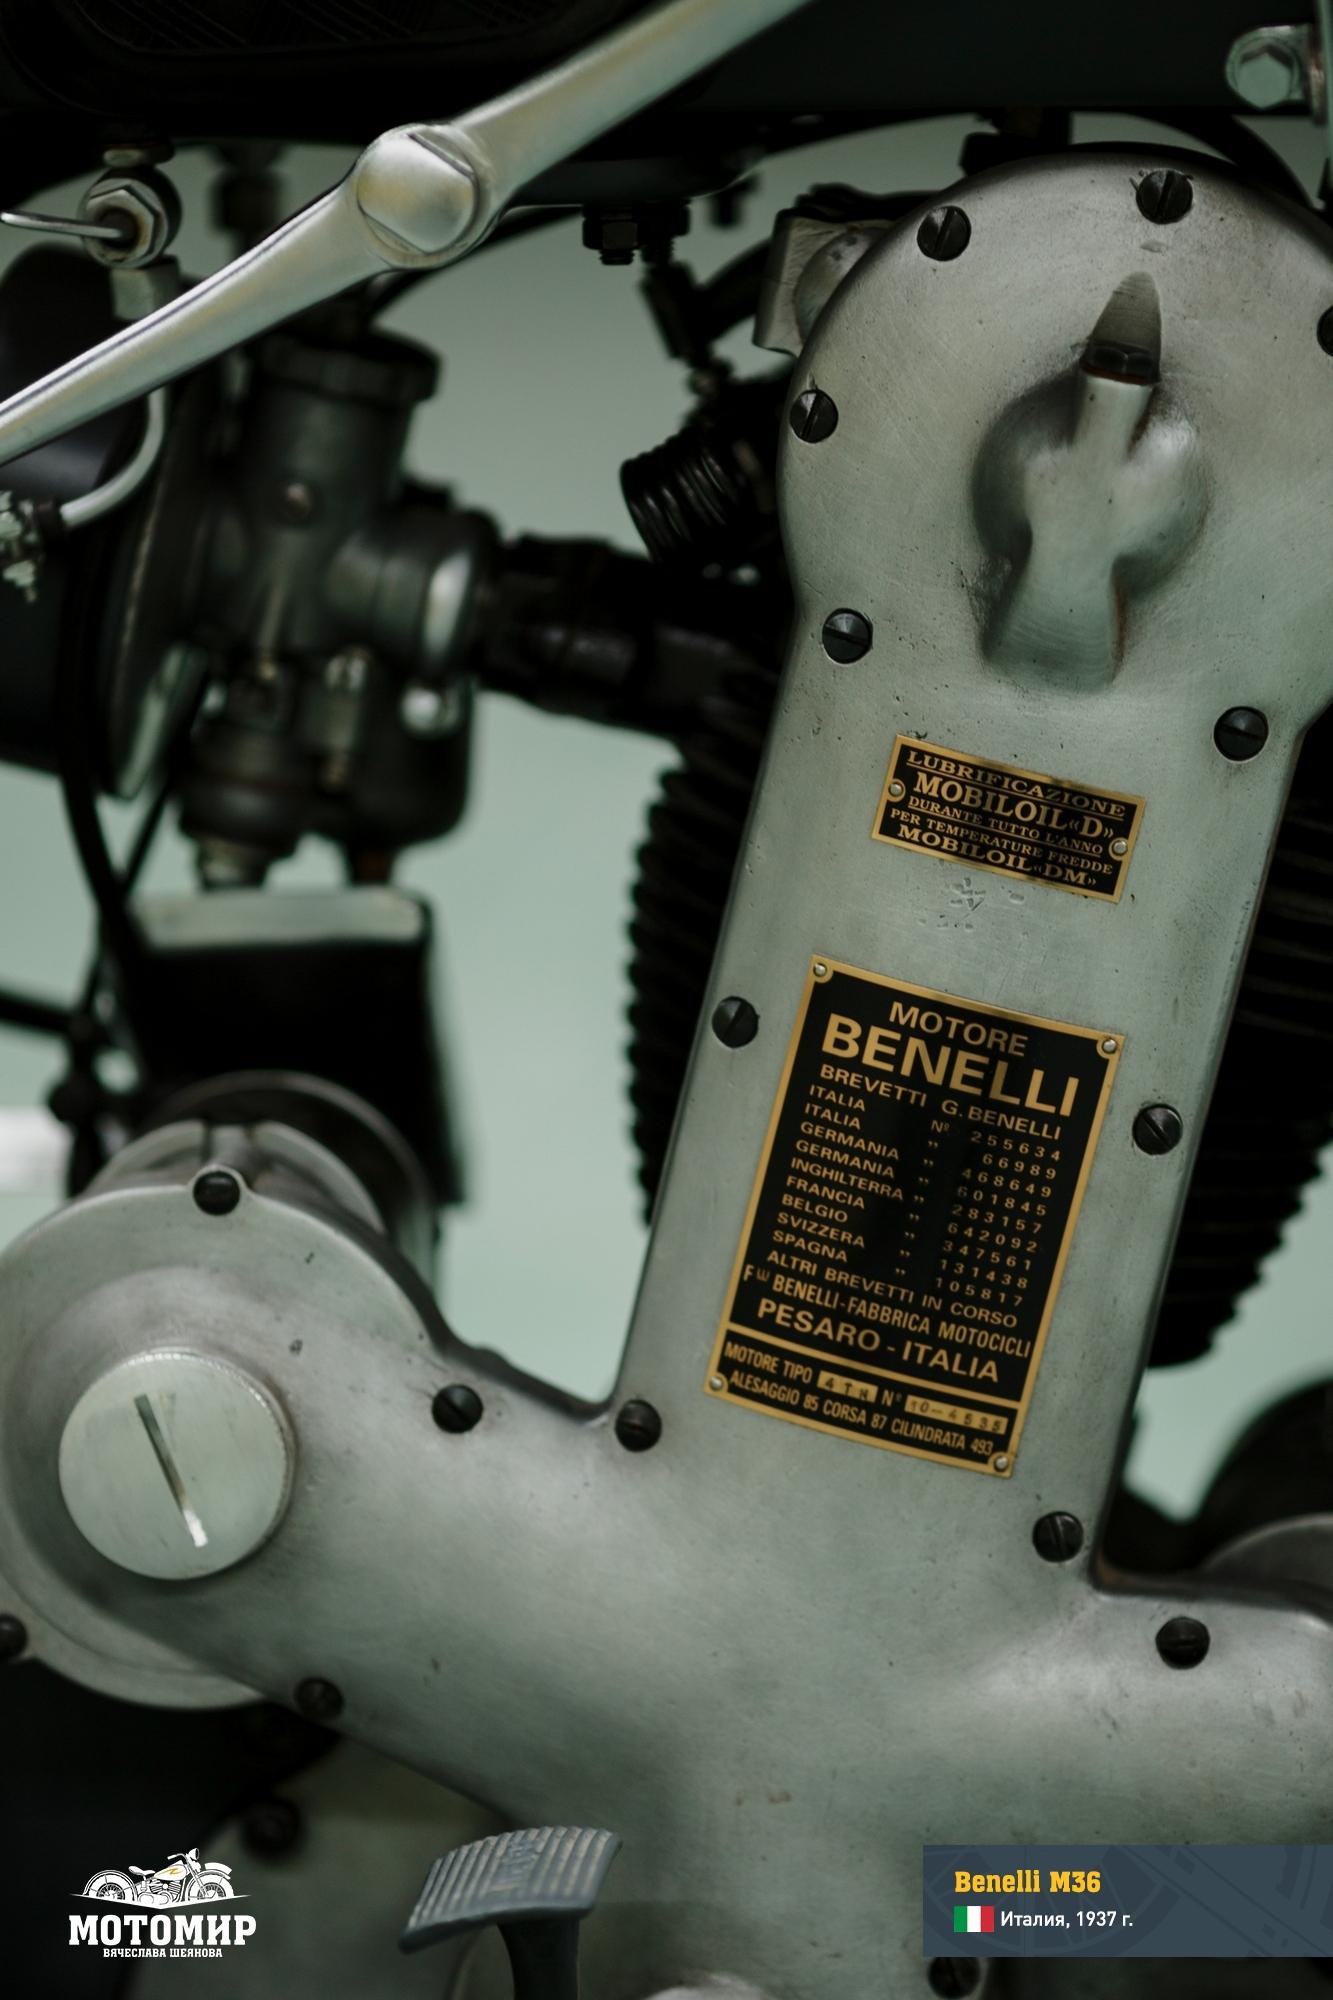 benelli-m36-201412-web-17